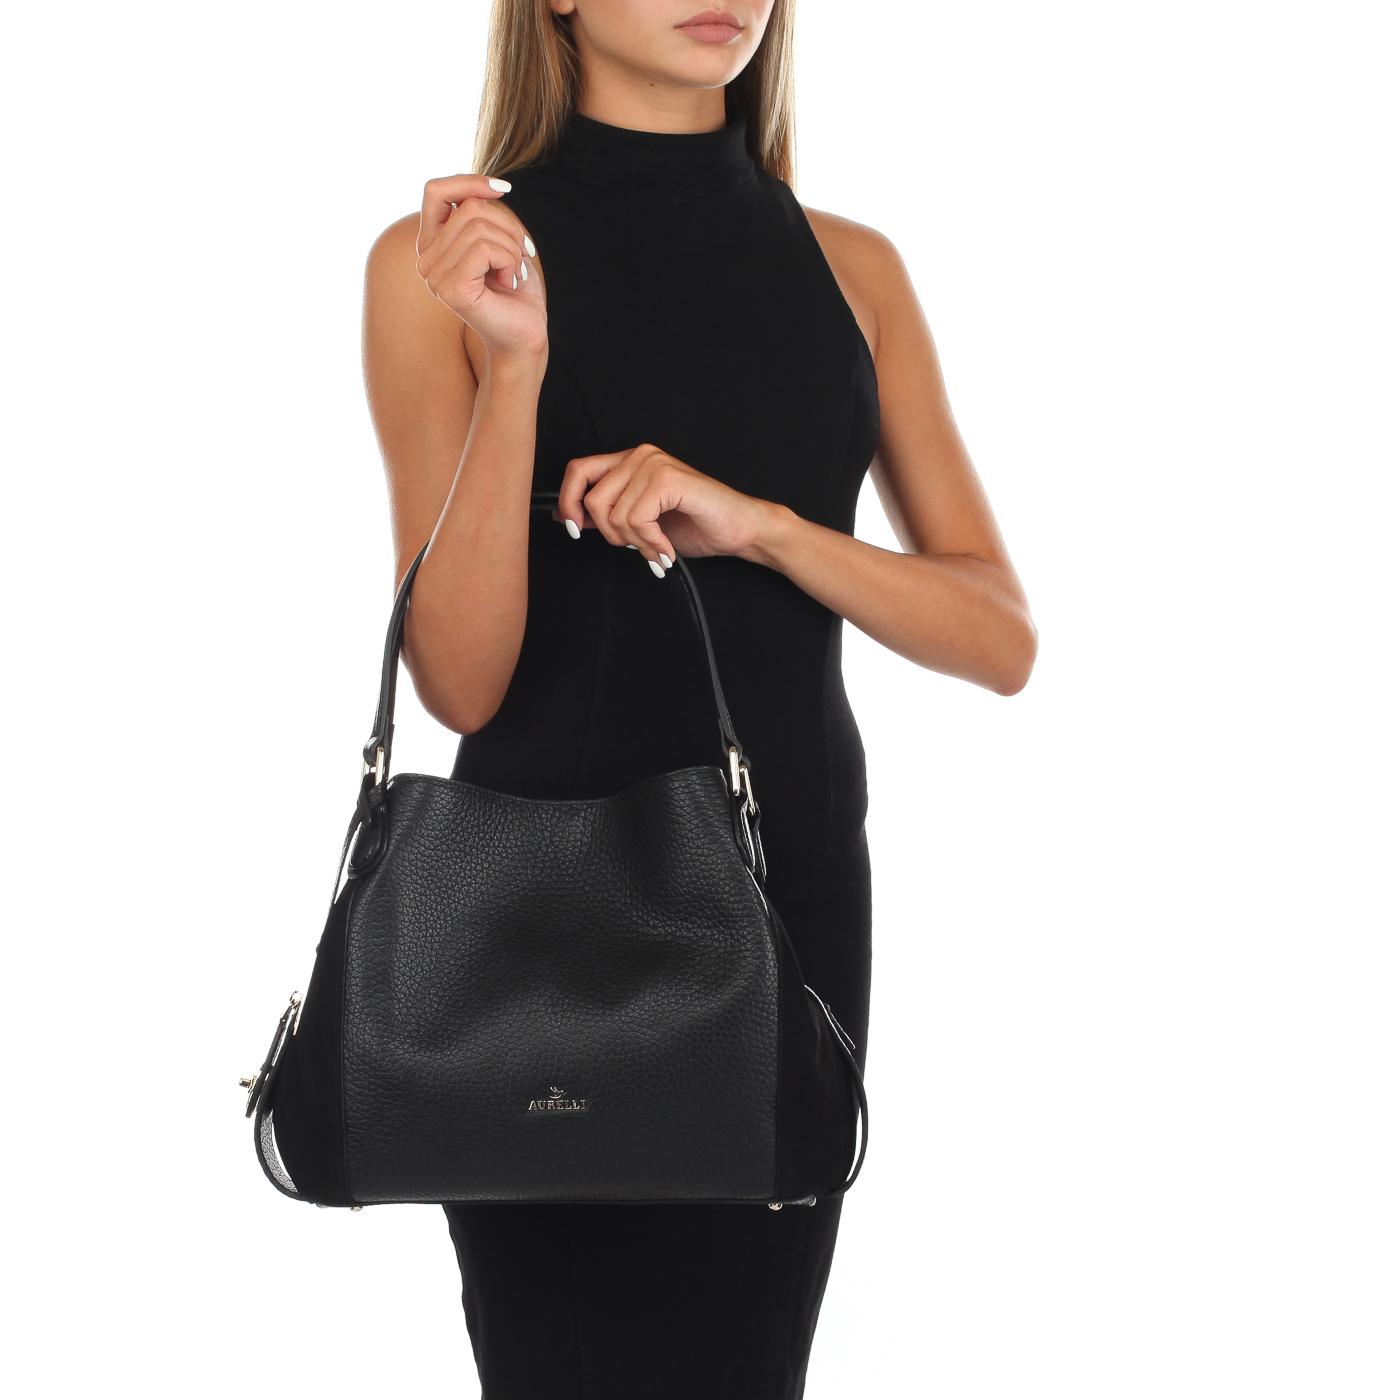 778a5040bbe7 Черная сумка из кожи Aurelli 18W0085-80G-nero - 2000557928442 черный ...